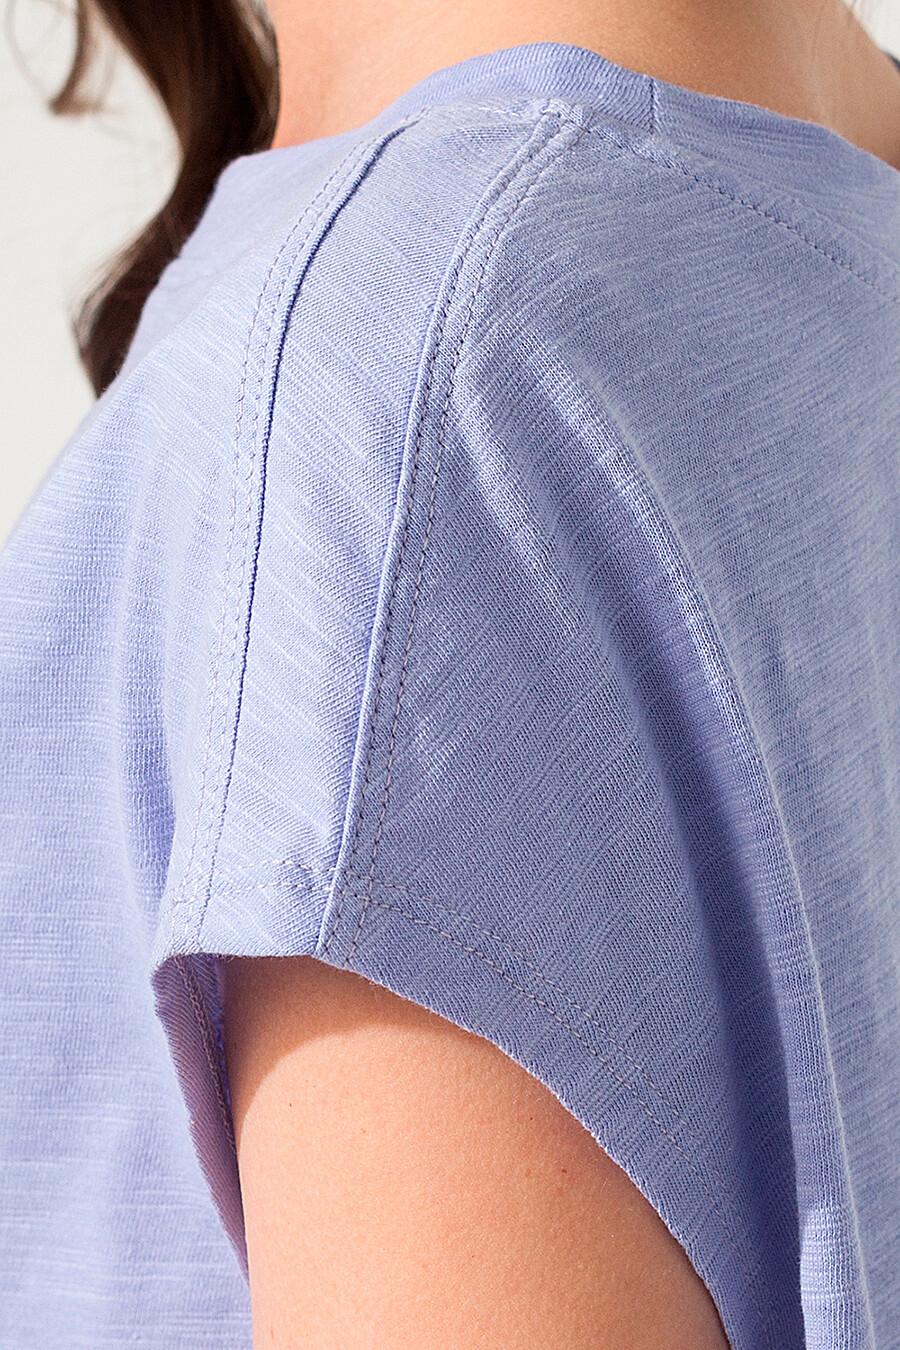 Футболка для женщин VILATTE 668638 купить оптом от производителя. Совместная покупка женской одежды в OptMoyo